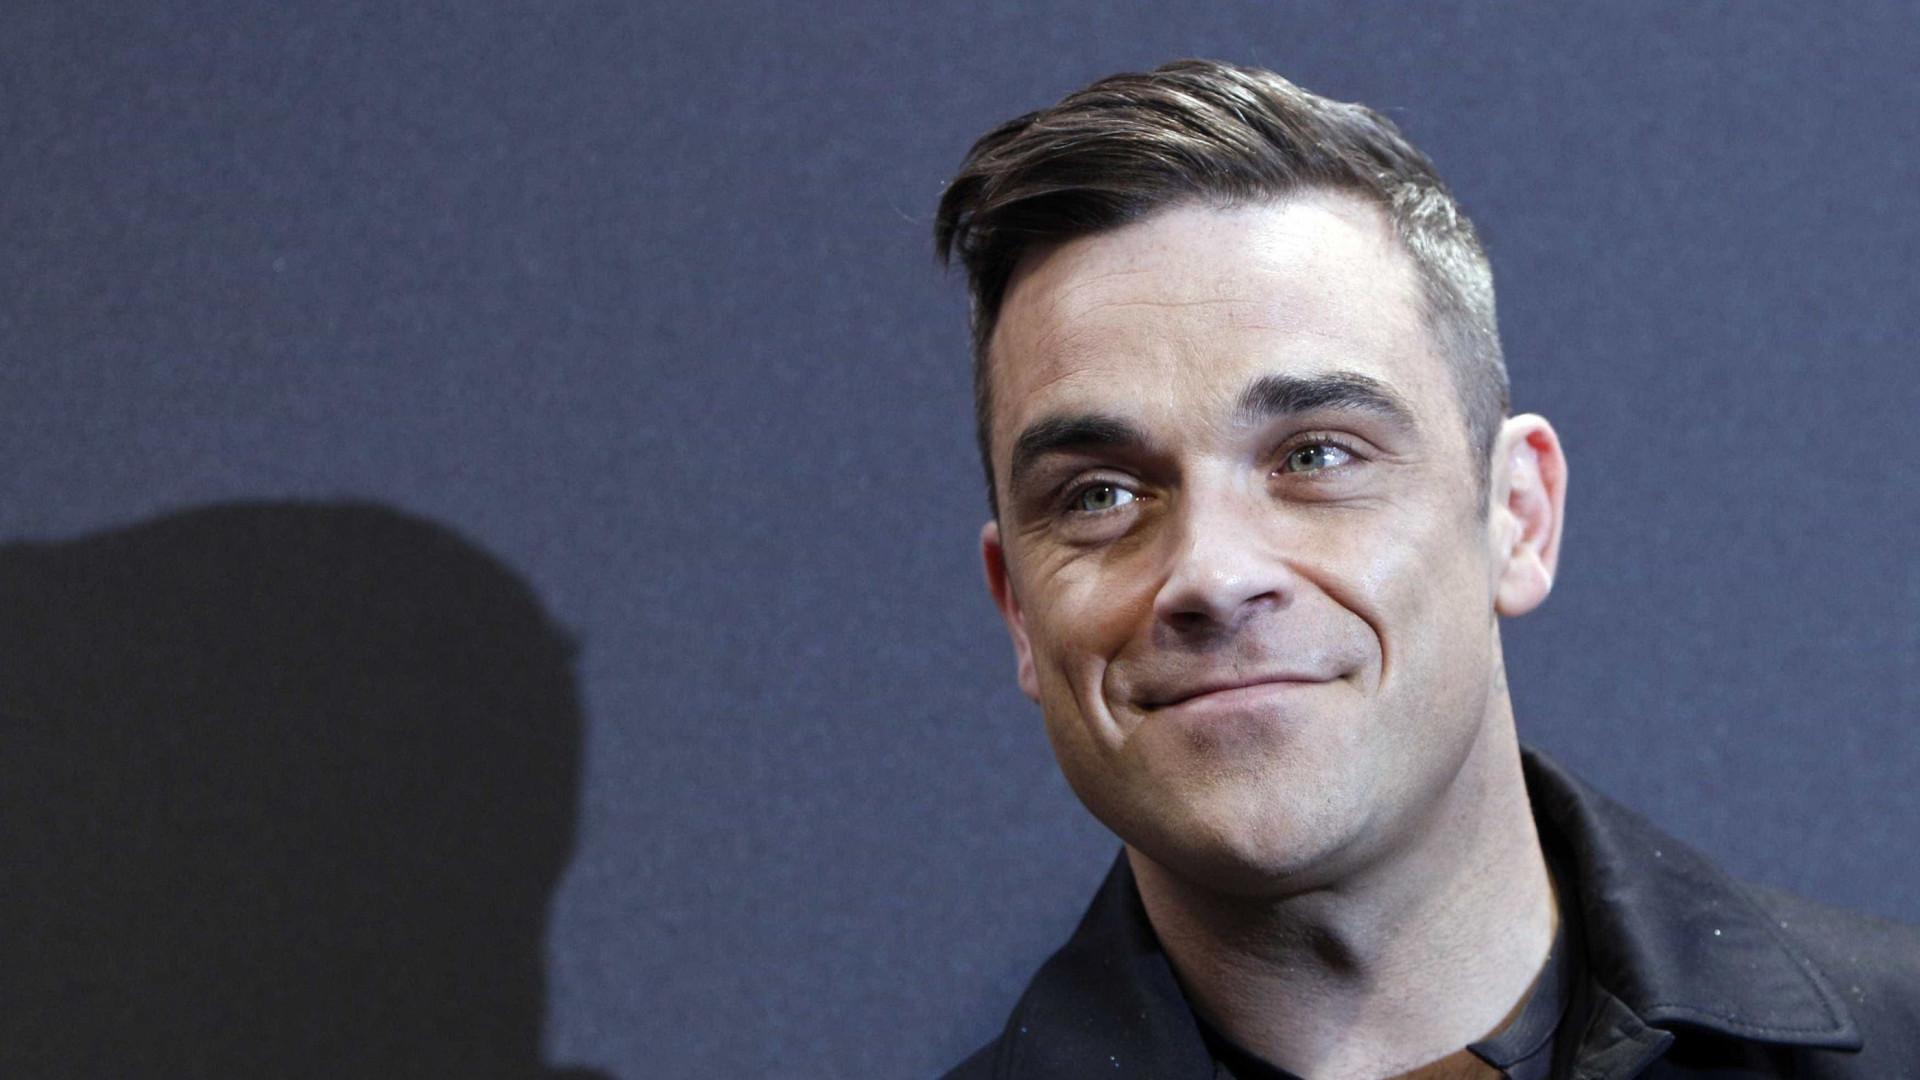 Vídeo: Robbie Williams impressiona fãs em dueto com a filha